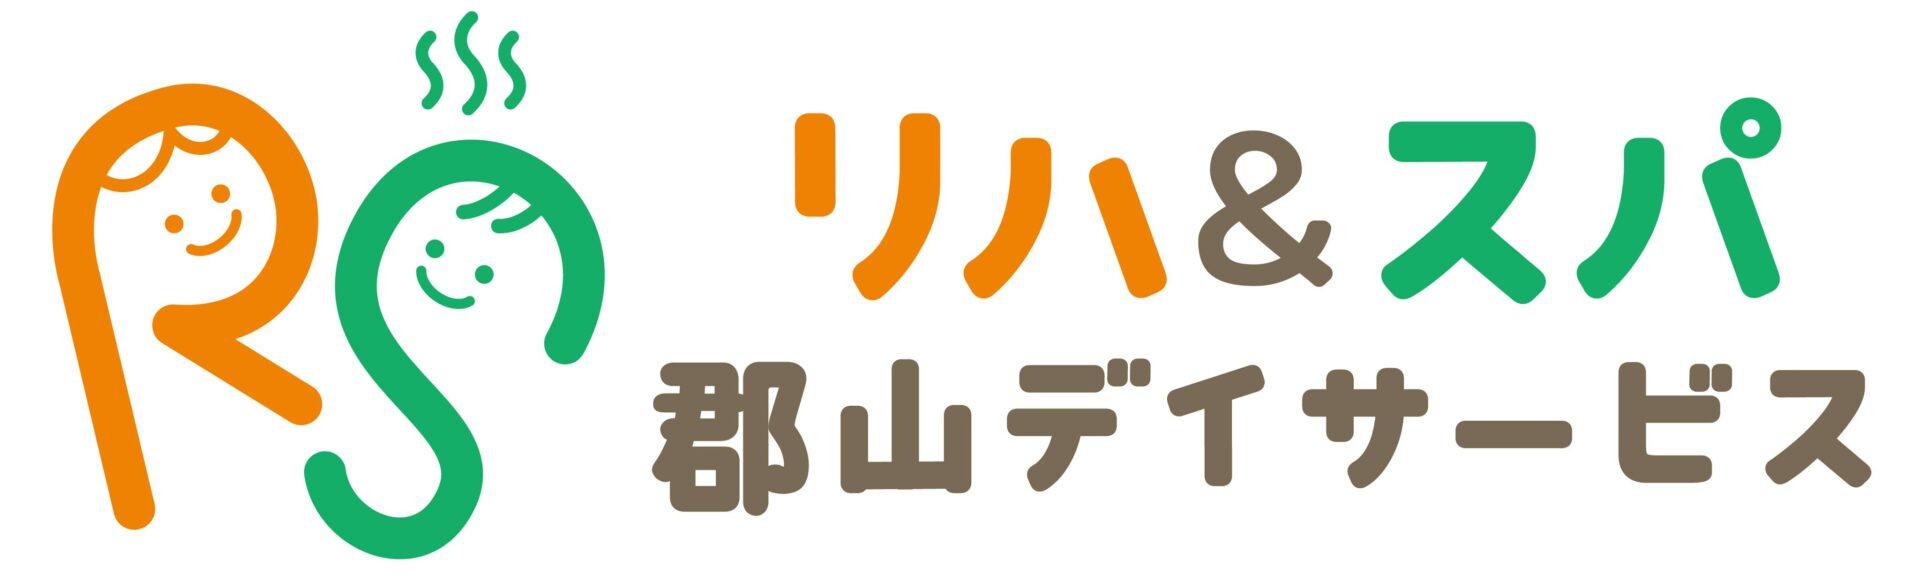 リハ&スパ郡山デイサービス1号店ロゴ